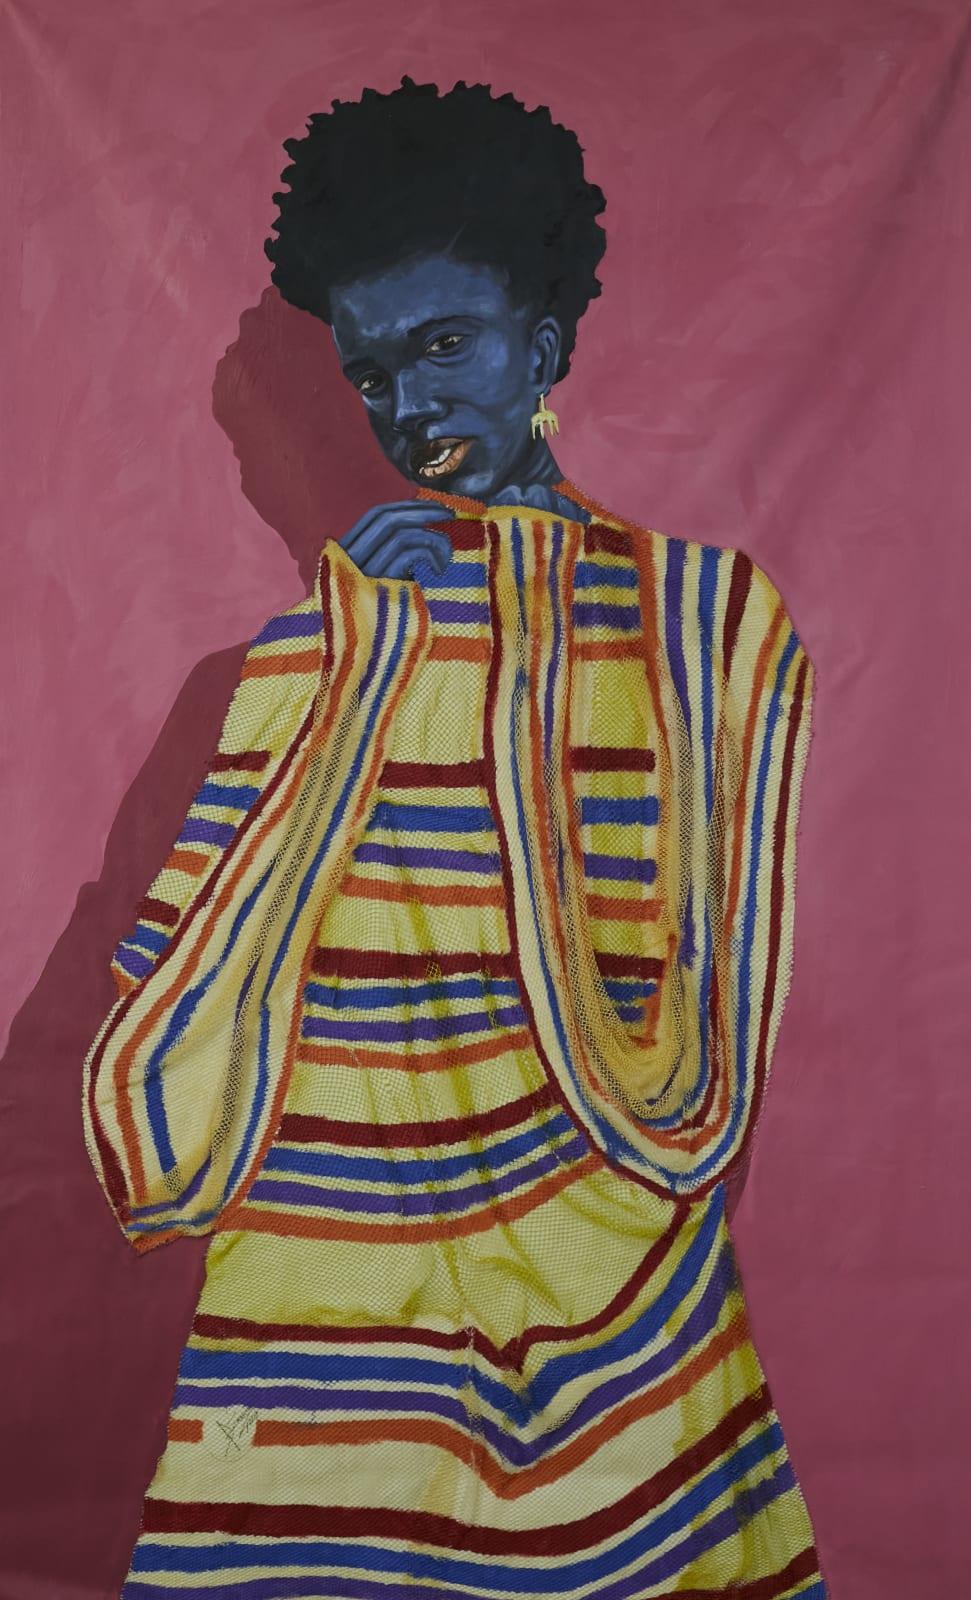 Adjei Tawiah, Adinkra Earring, 2021